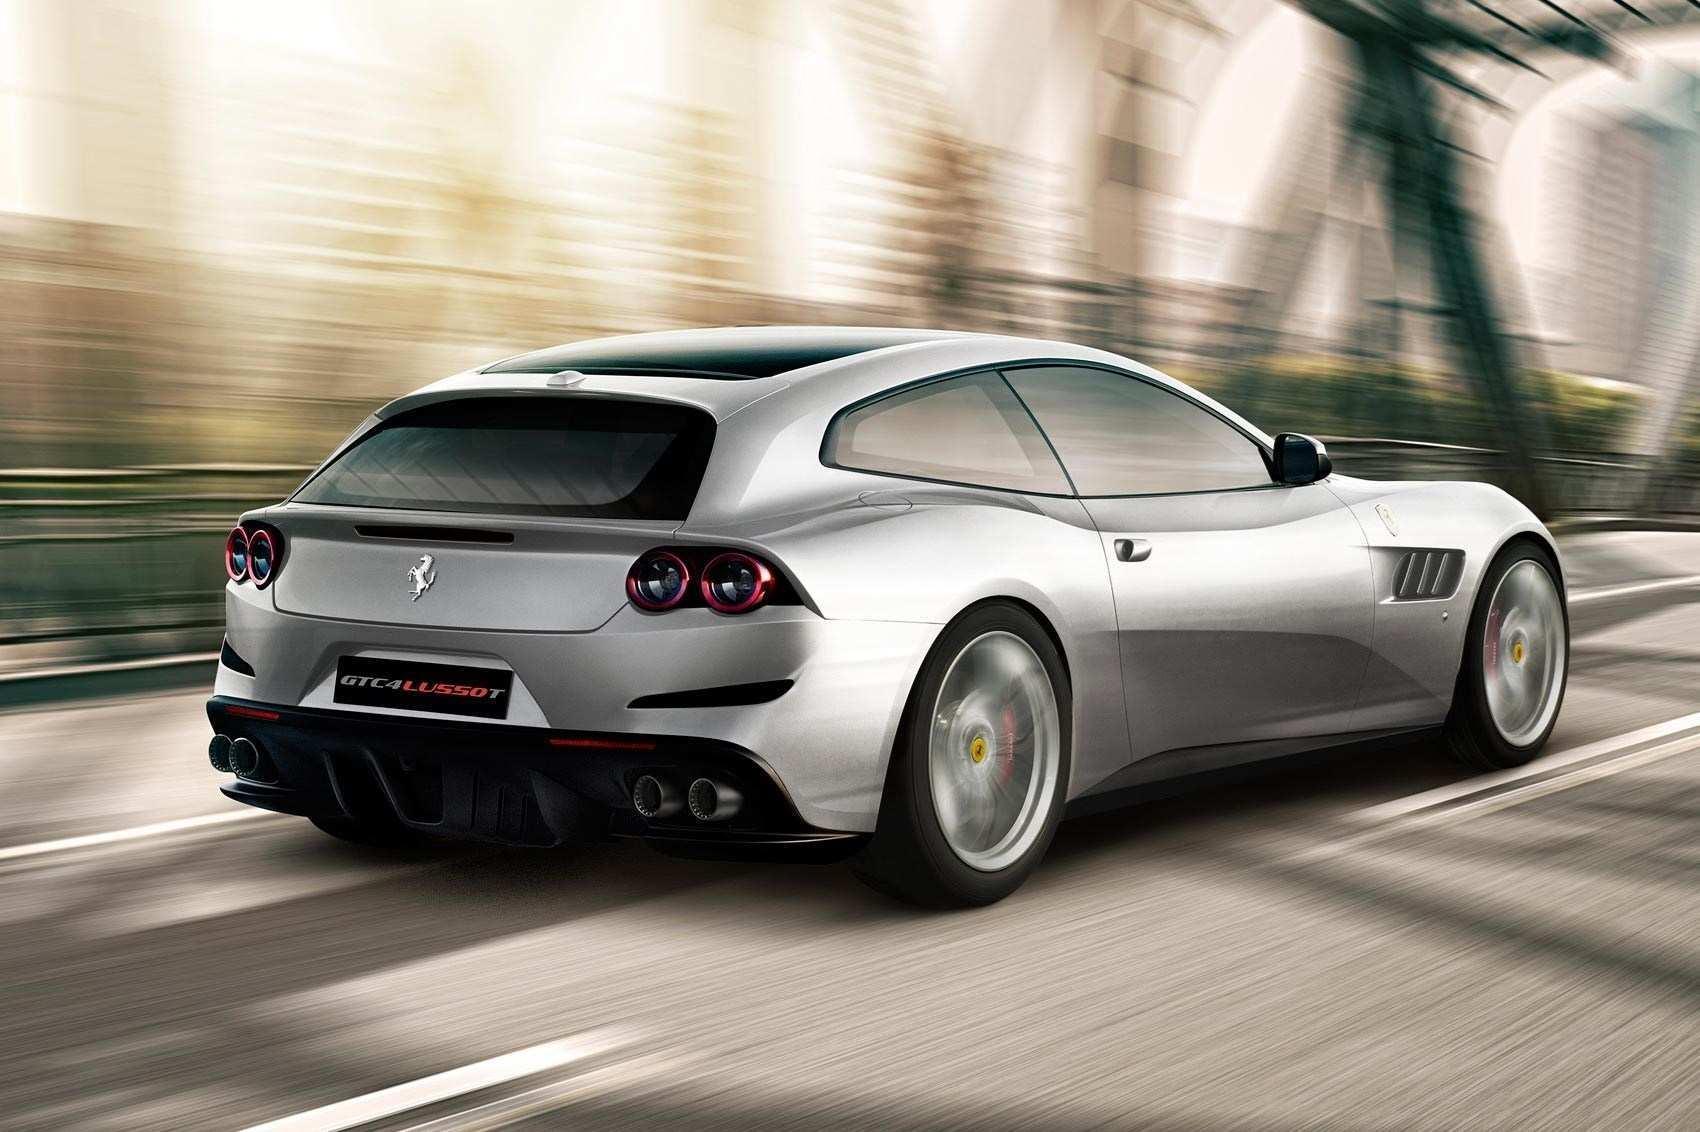 36 Concept of Ferrari Suv 2020 Prices for Ferrari Suv 2020